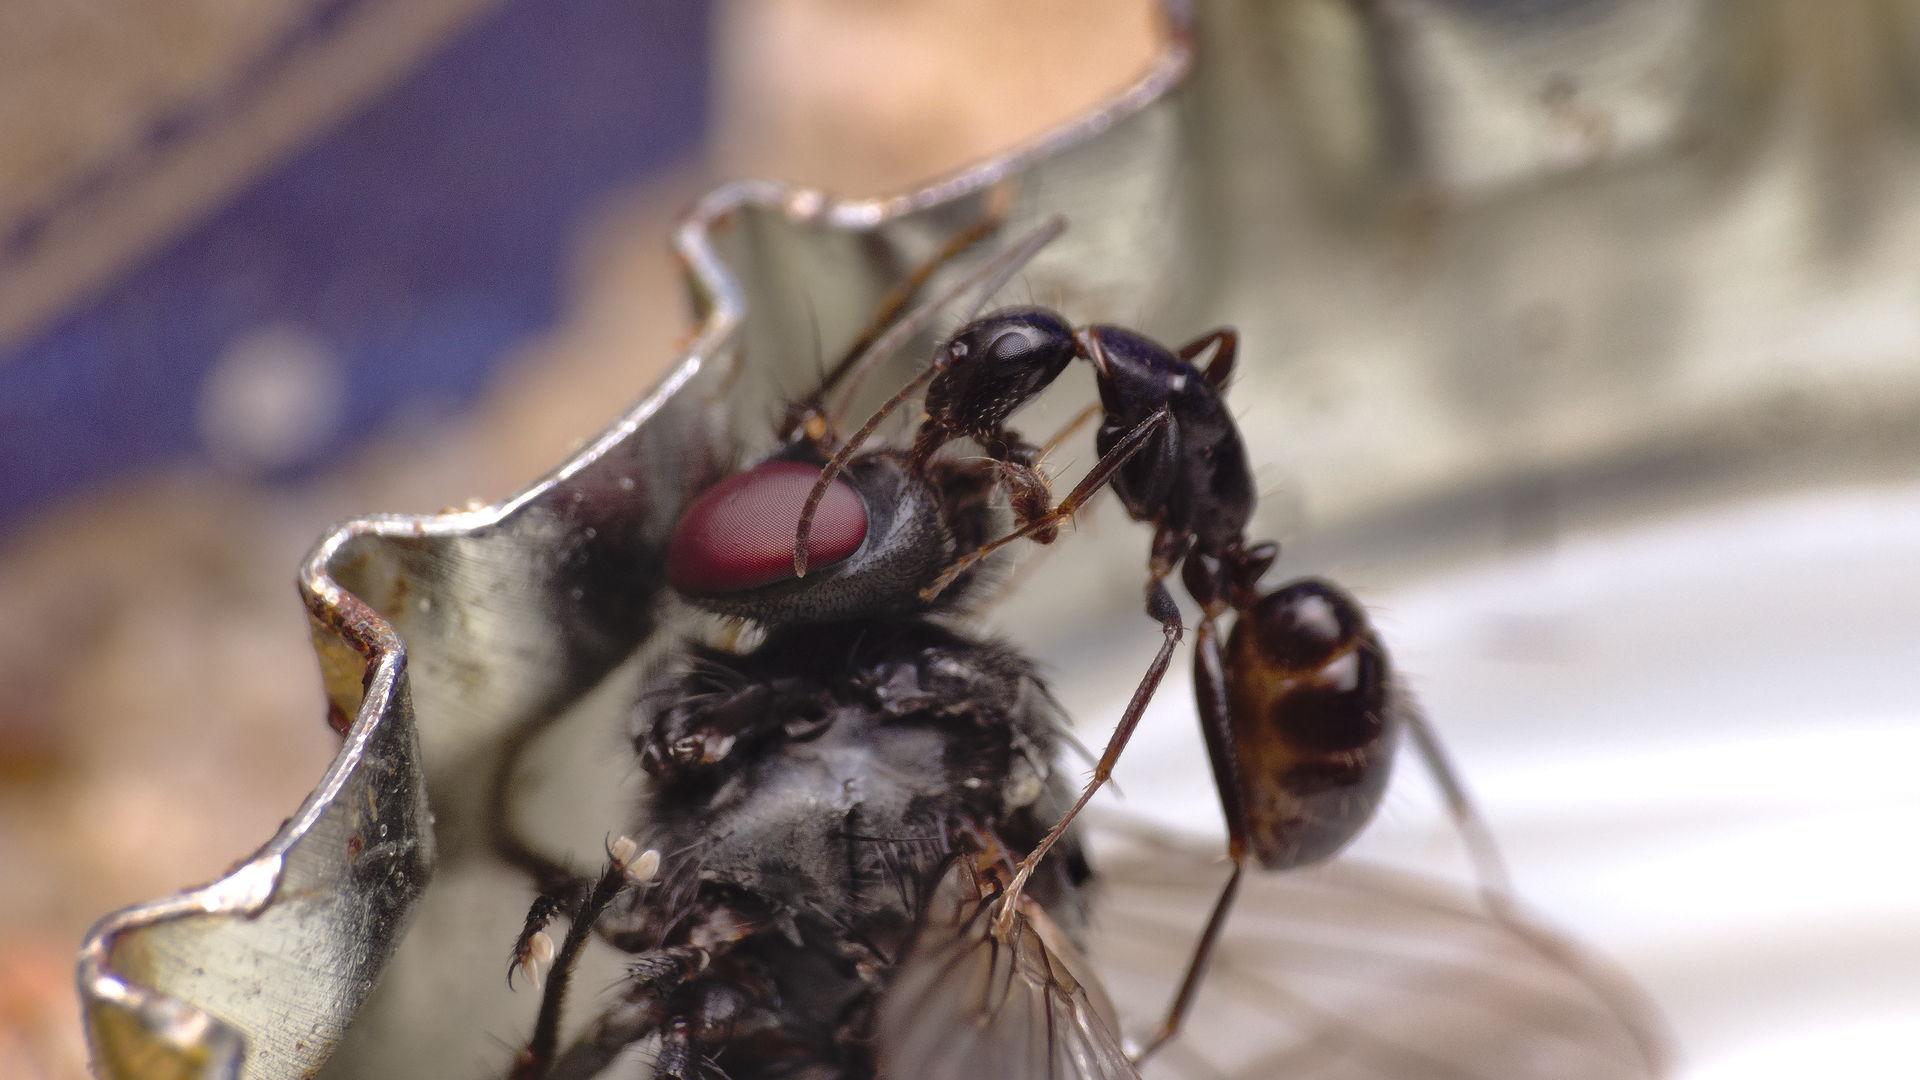 Mit Fliegen fängt man Ameisen